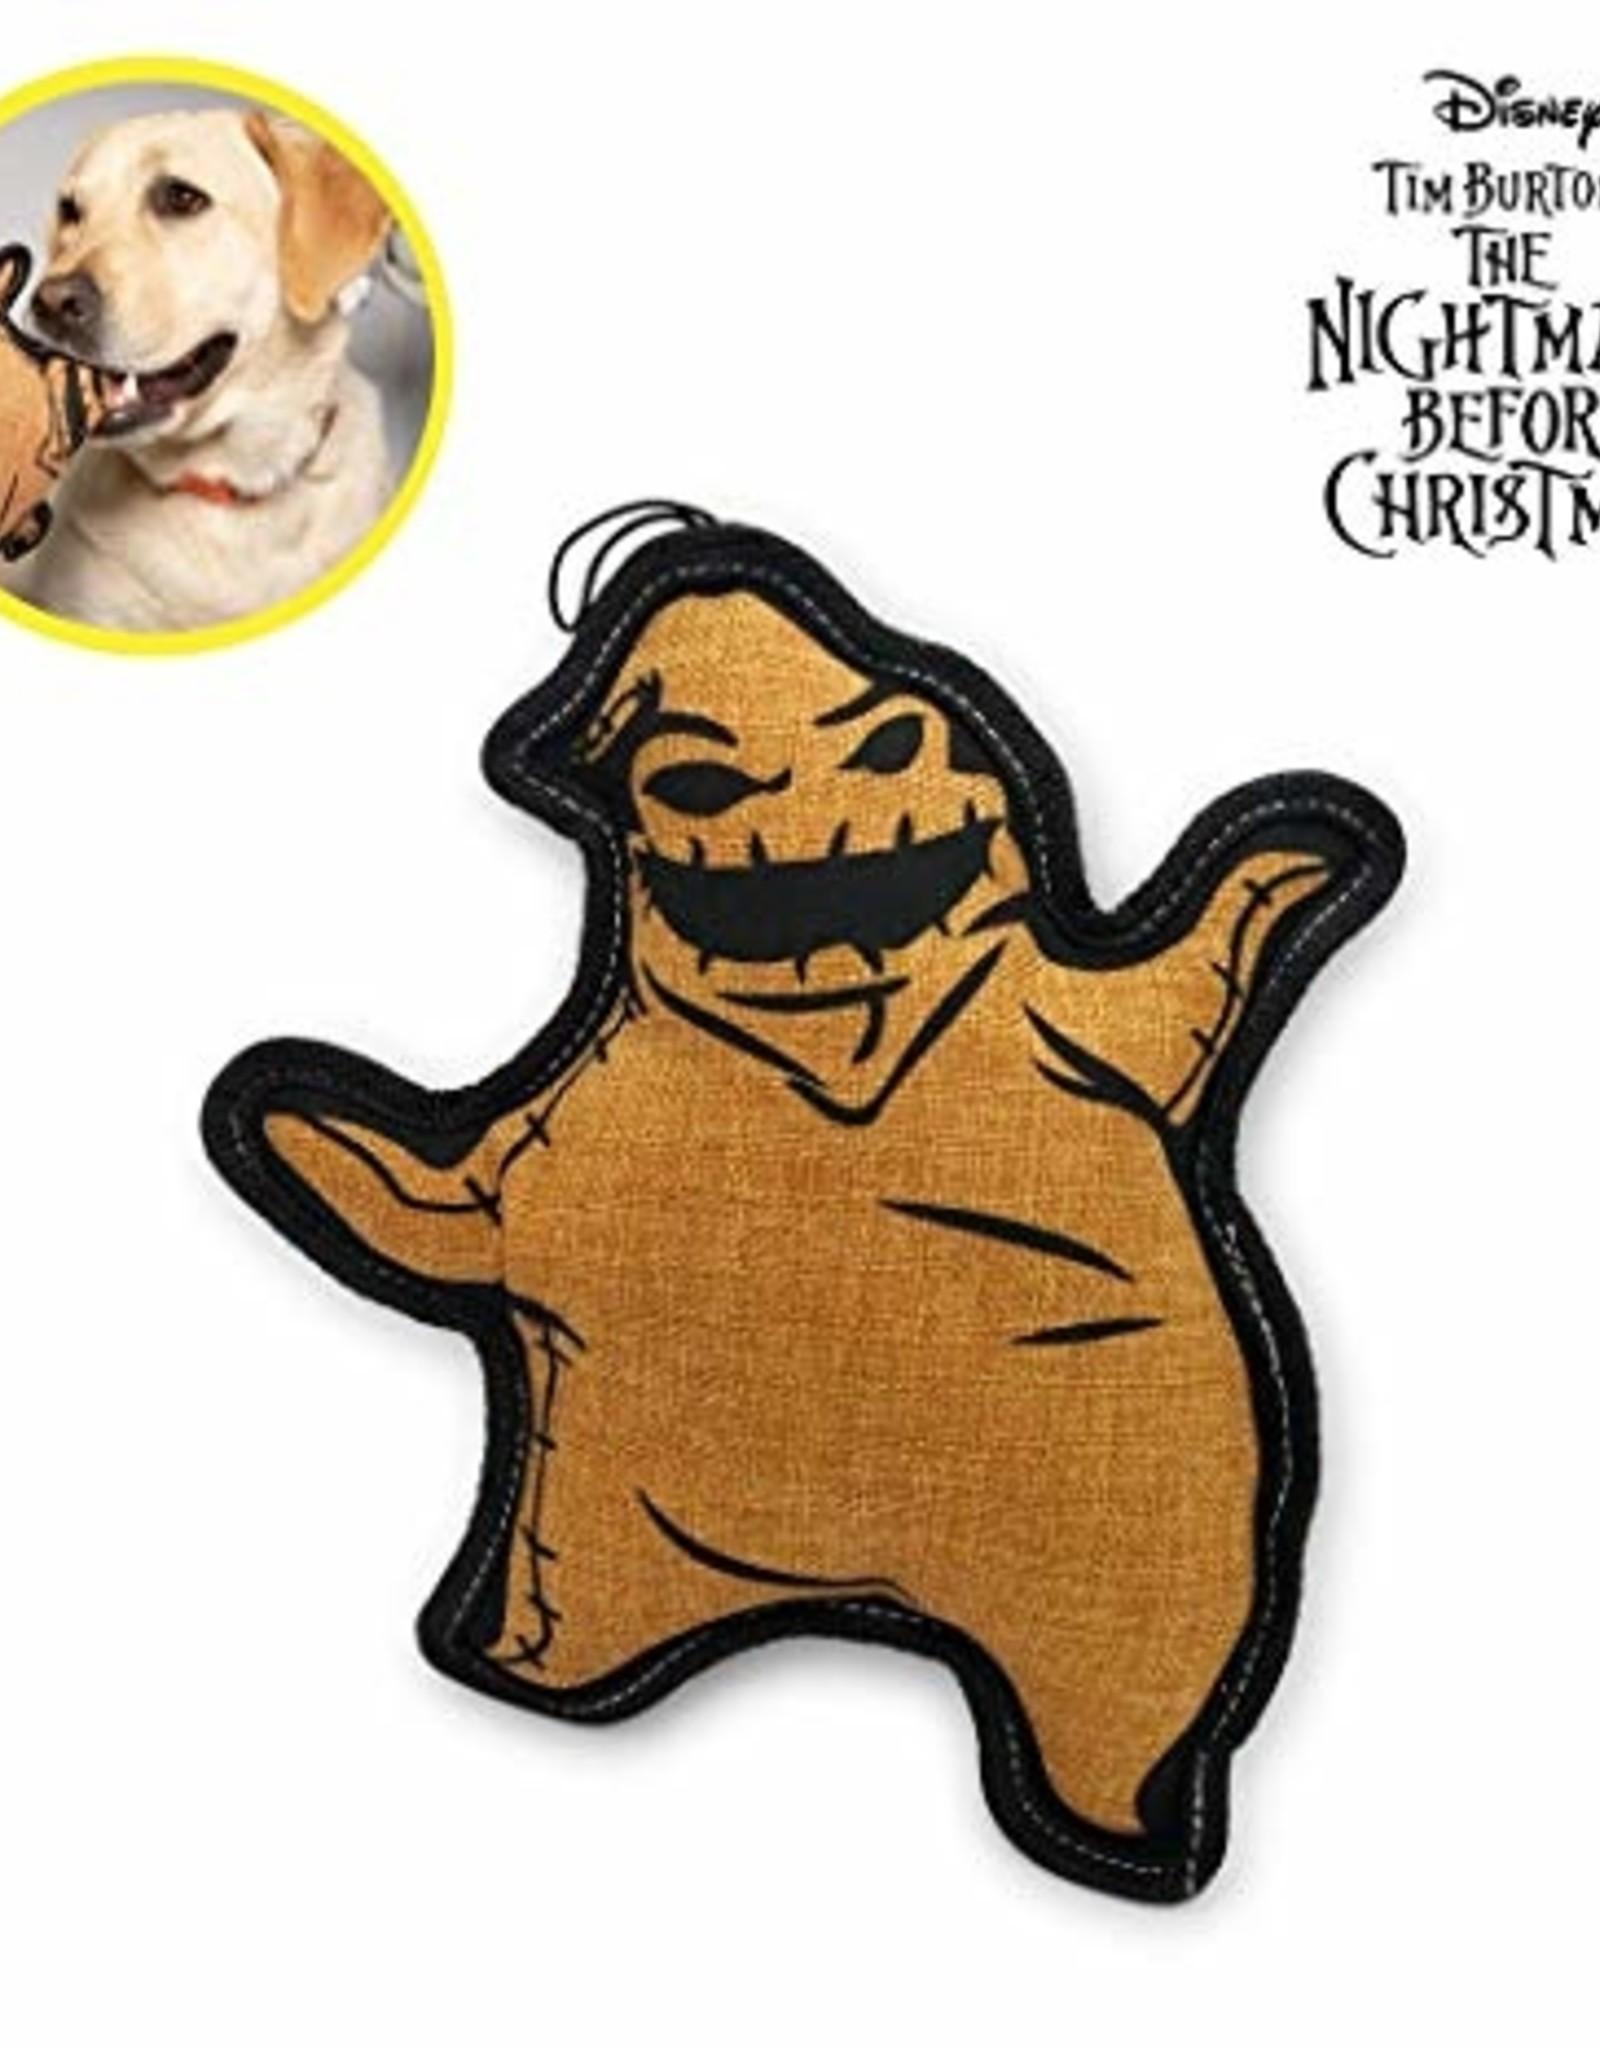 Hyper Pet Oogie Boogie - Nightmare Before Christmas